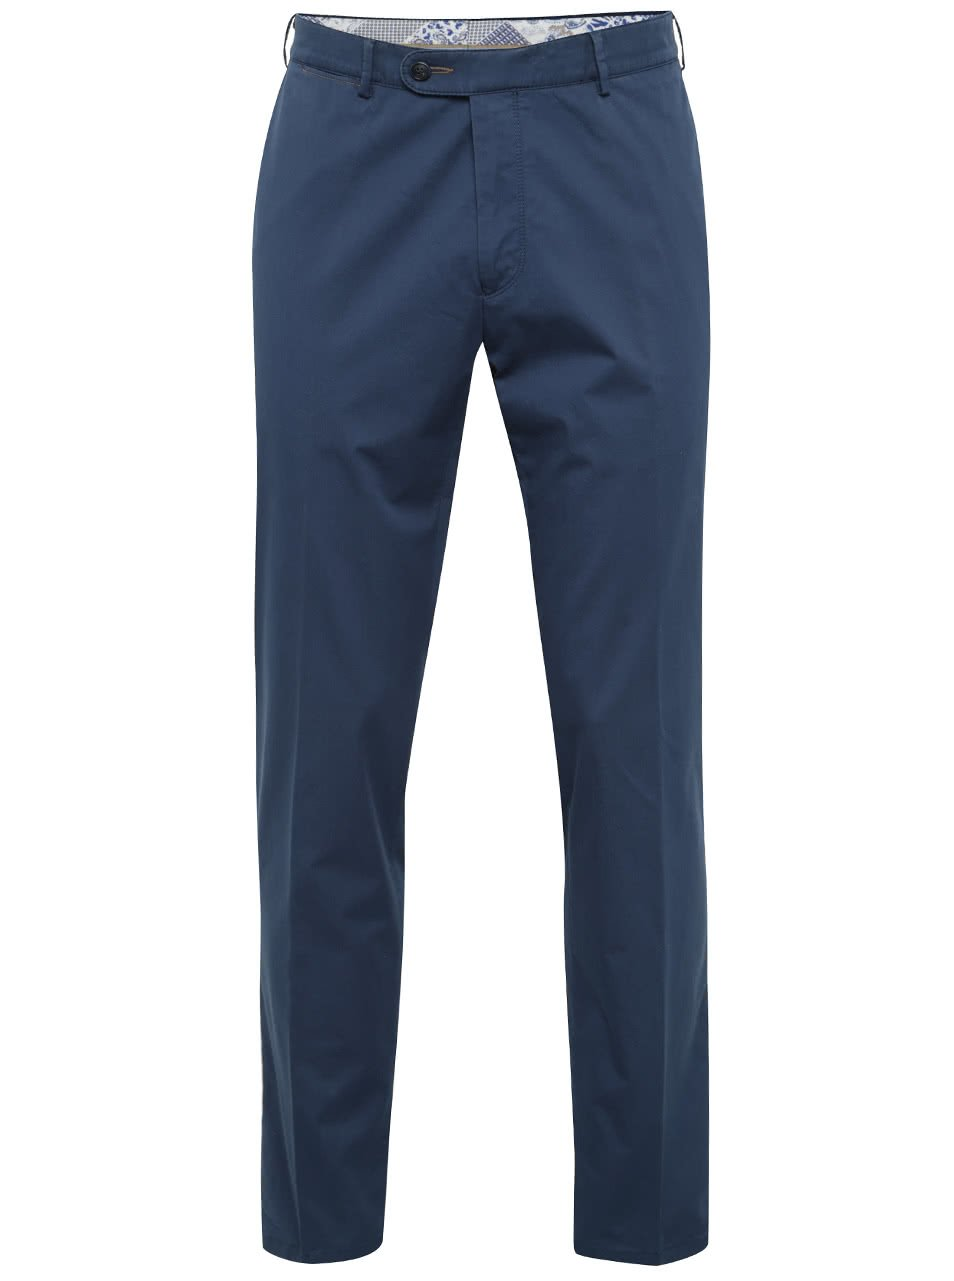 Tmavě modré pánské funkční chino kalhoty bugatti